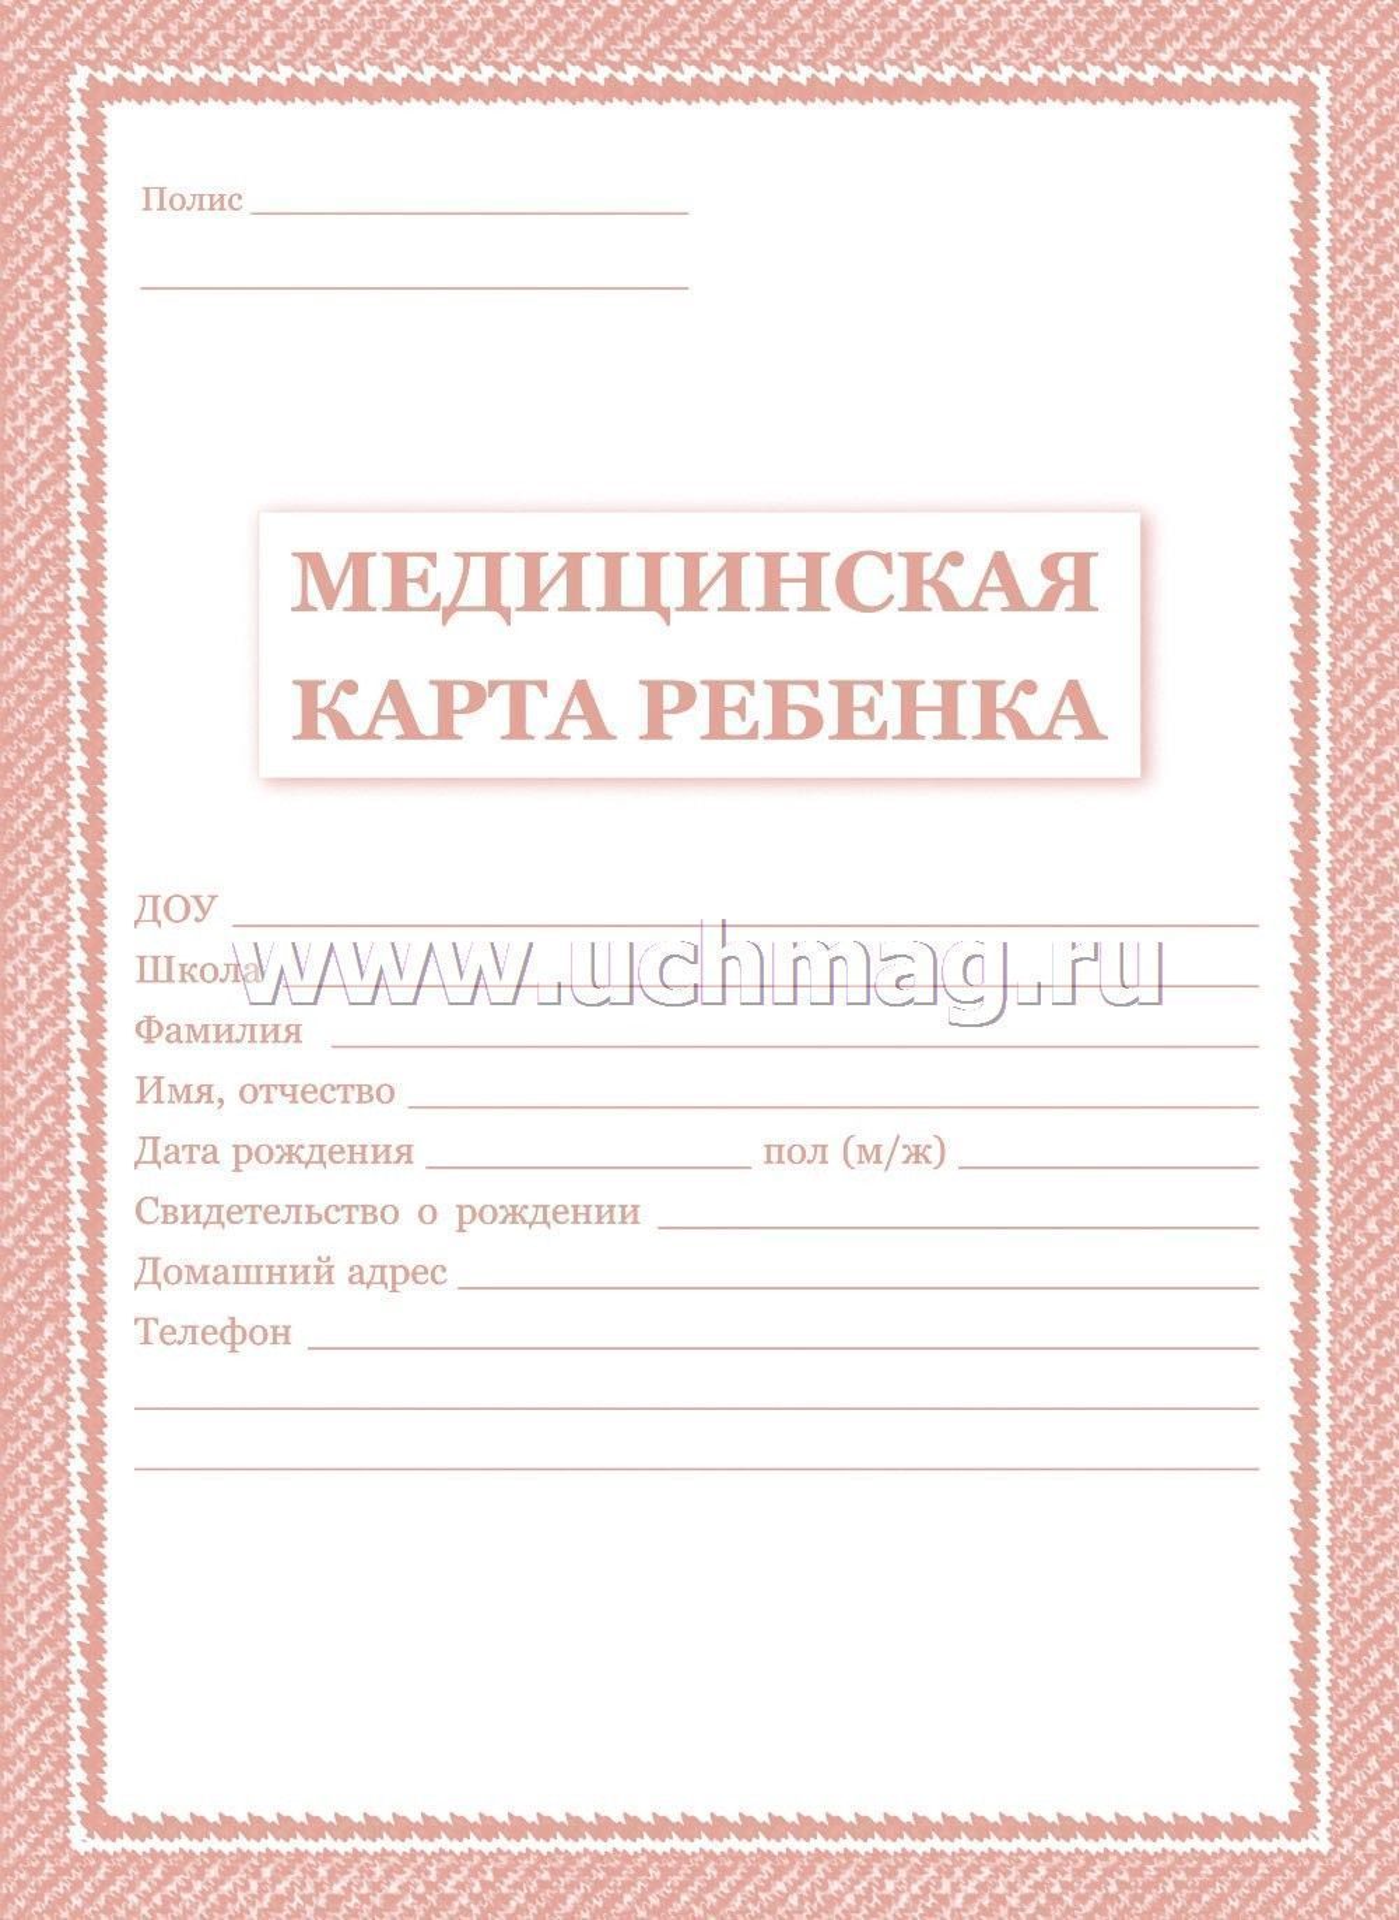 обложка амбулаторной карты ребенка образец